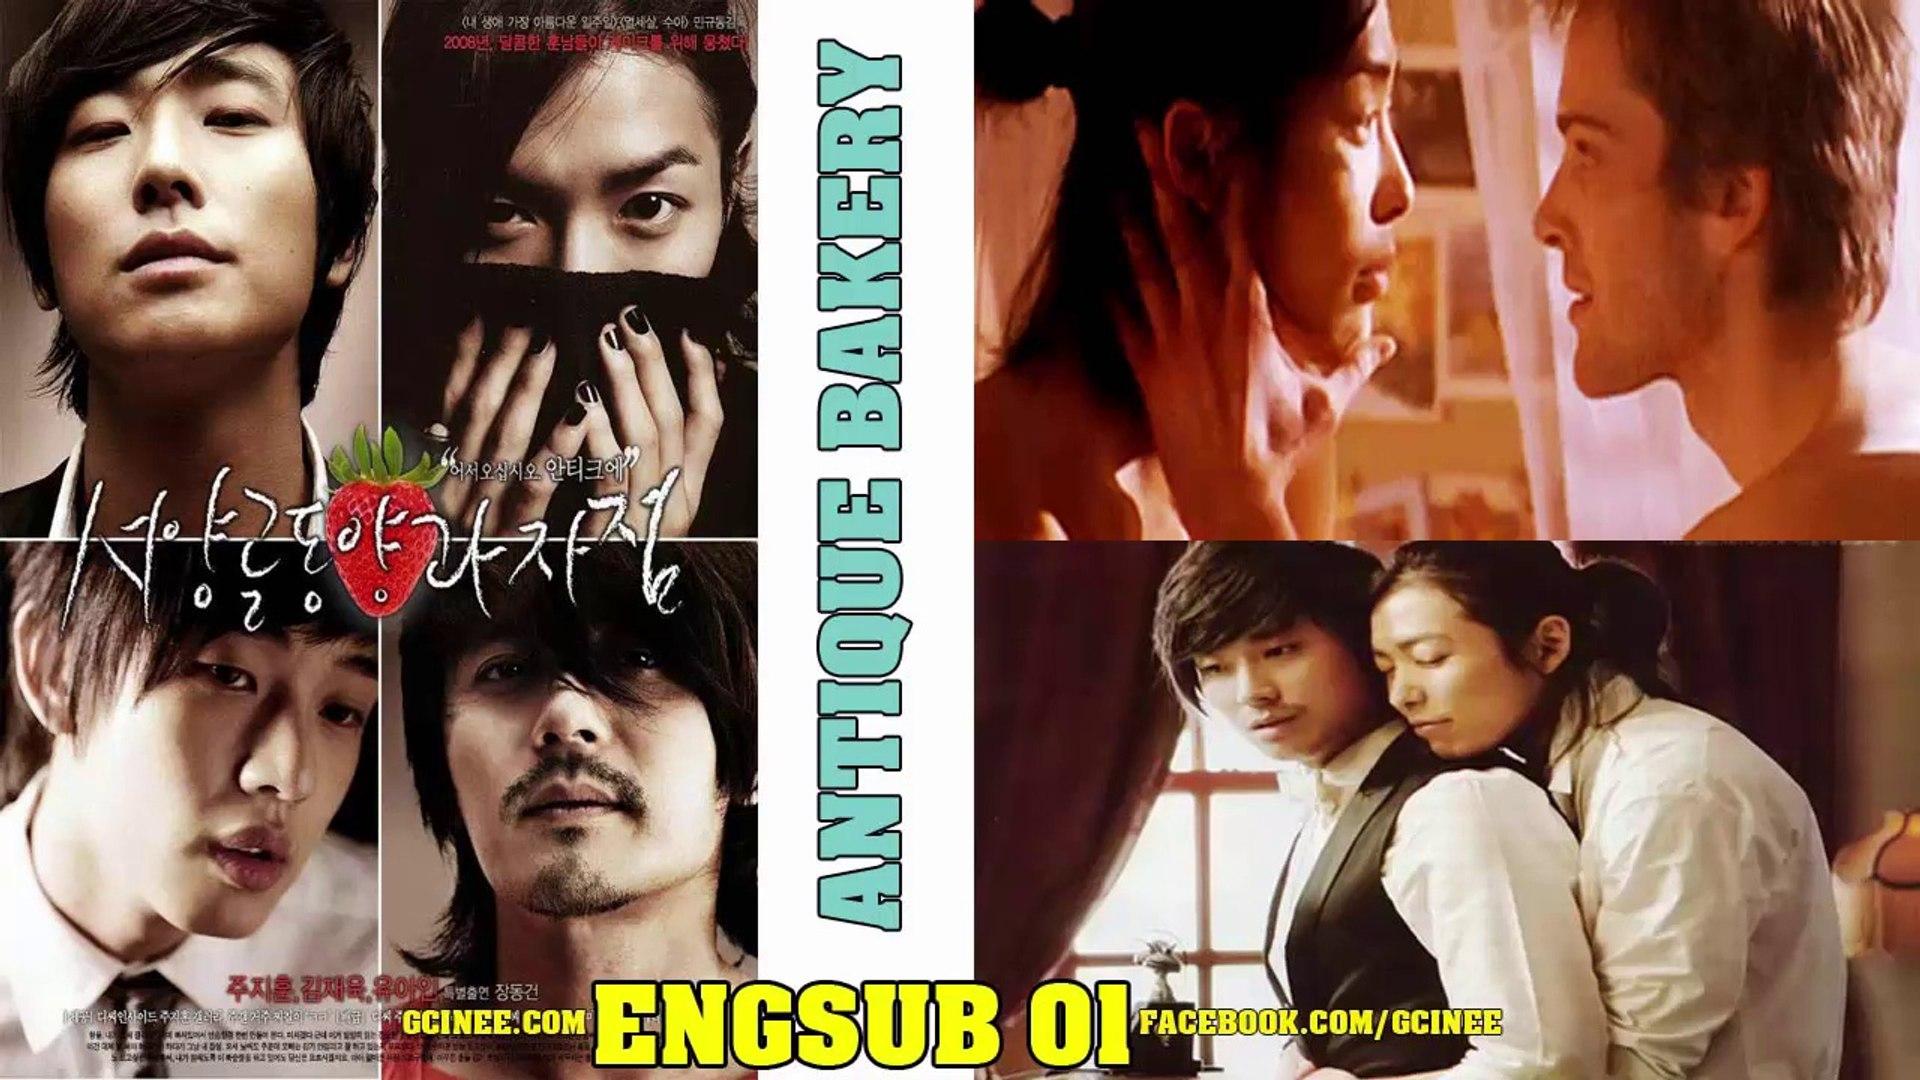 ENGSUB 01 - Antiquee Bakery - Korean movie